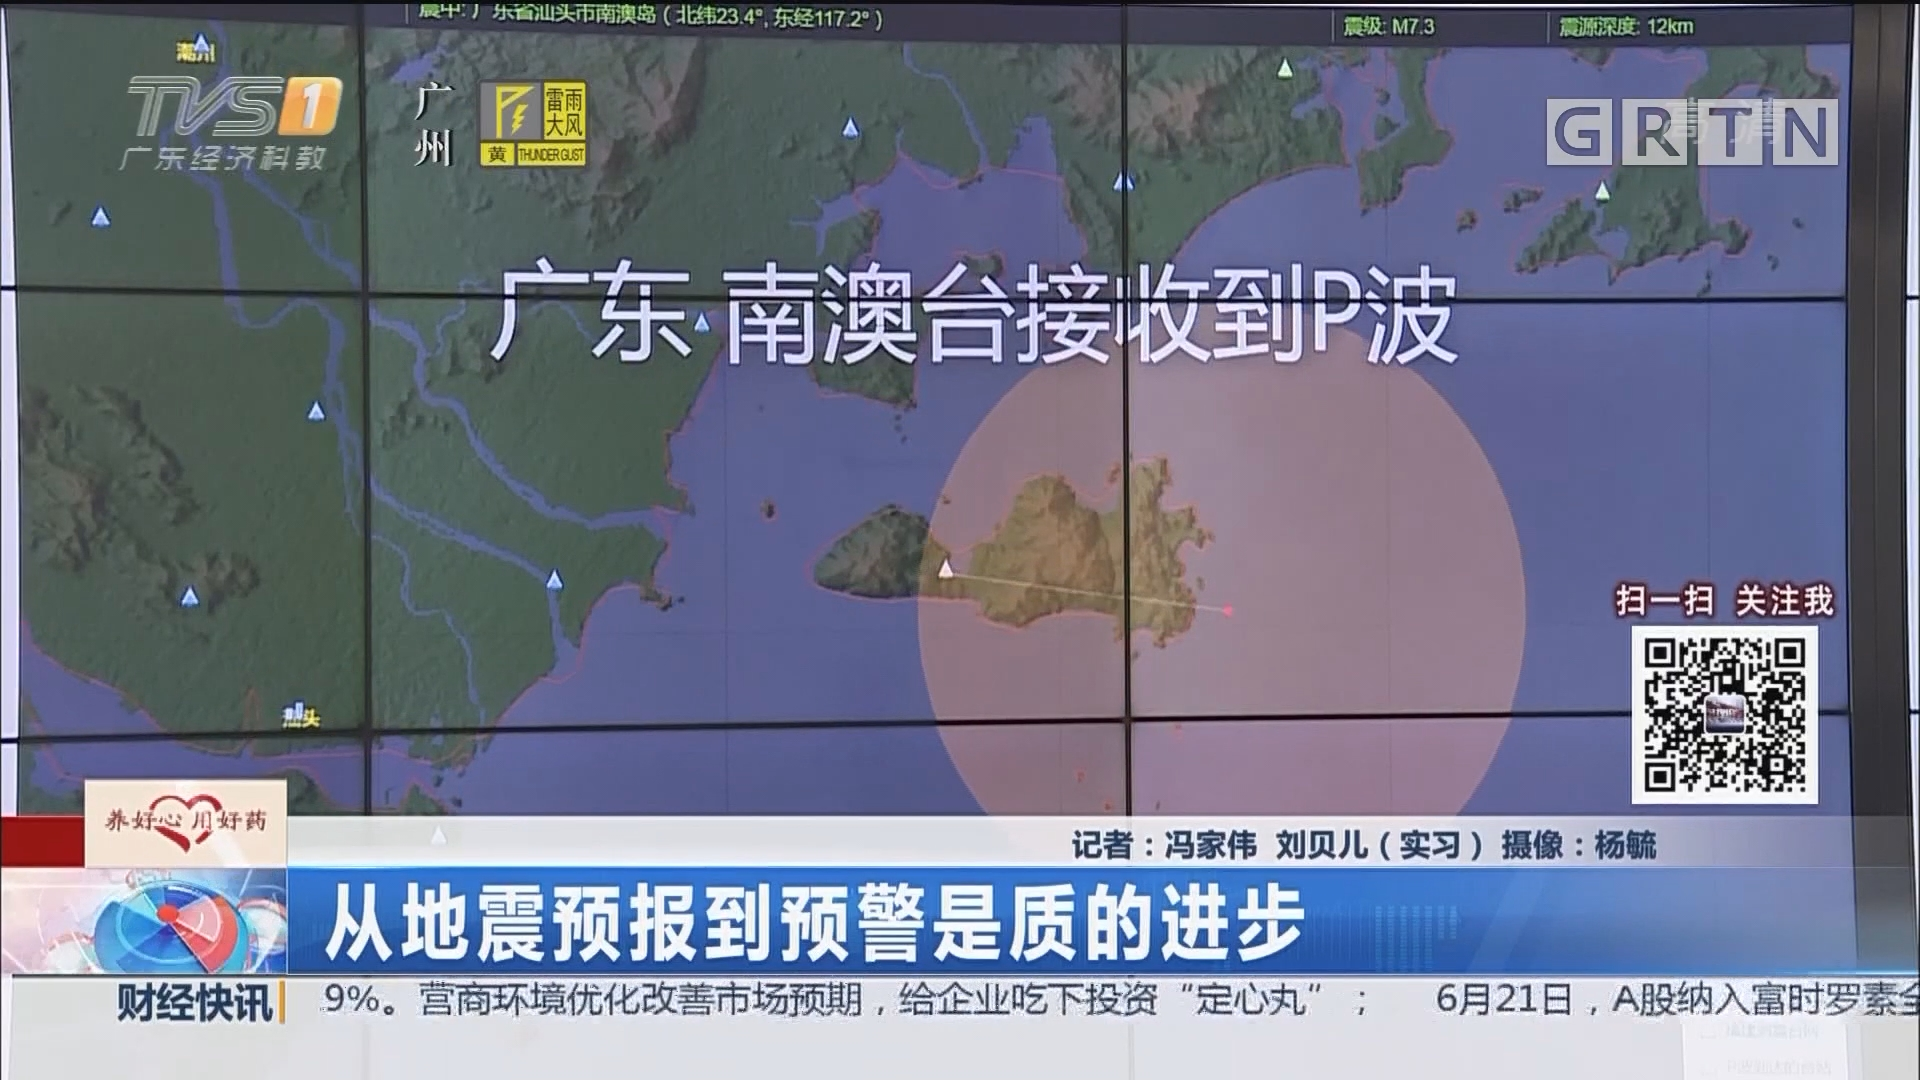 从地震预报到预警是质的进步